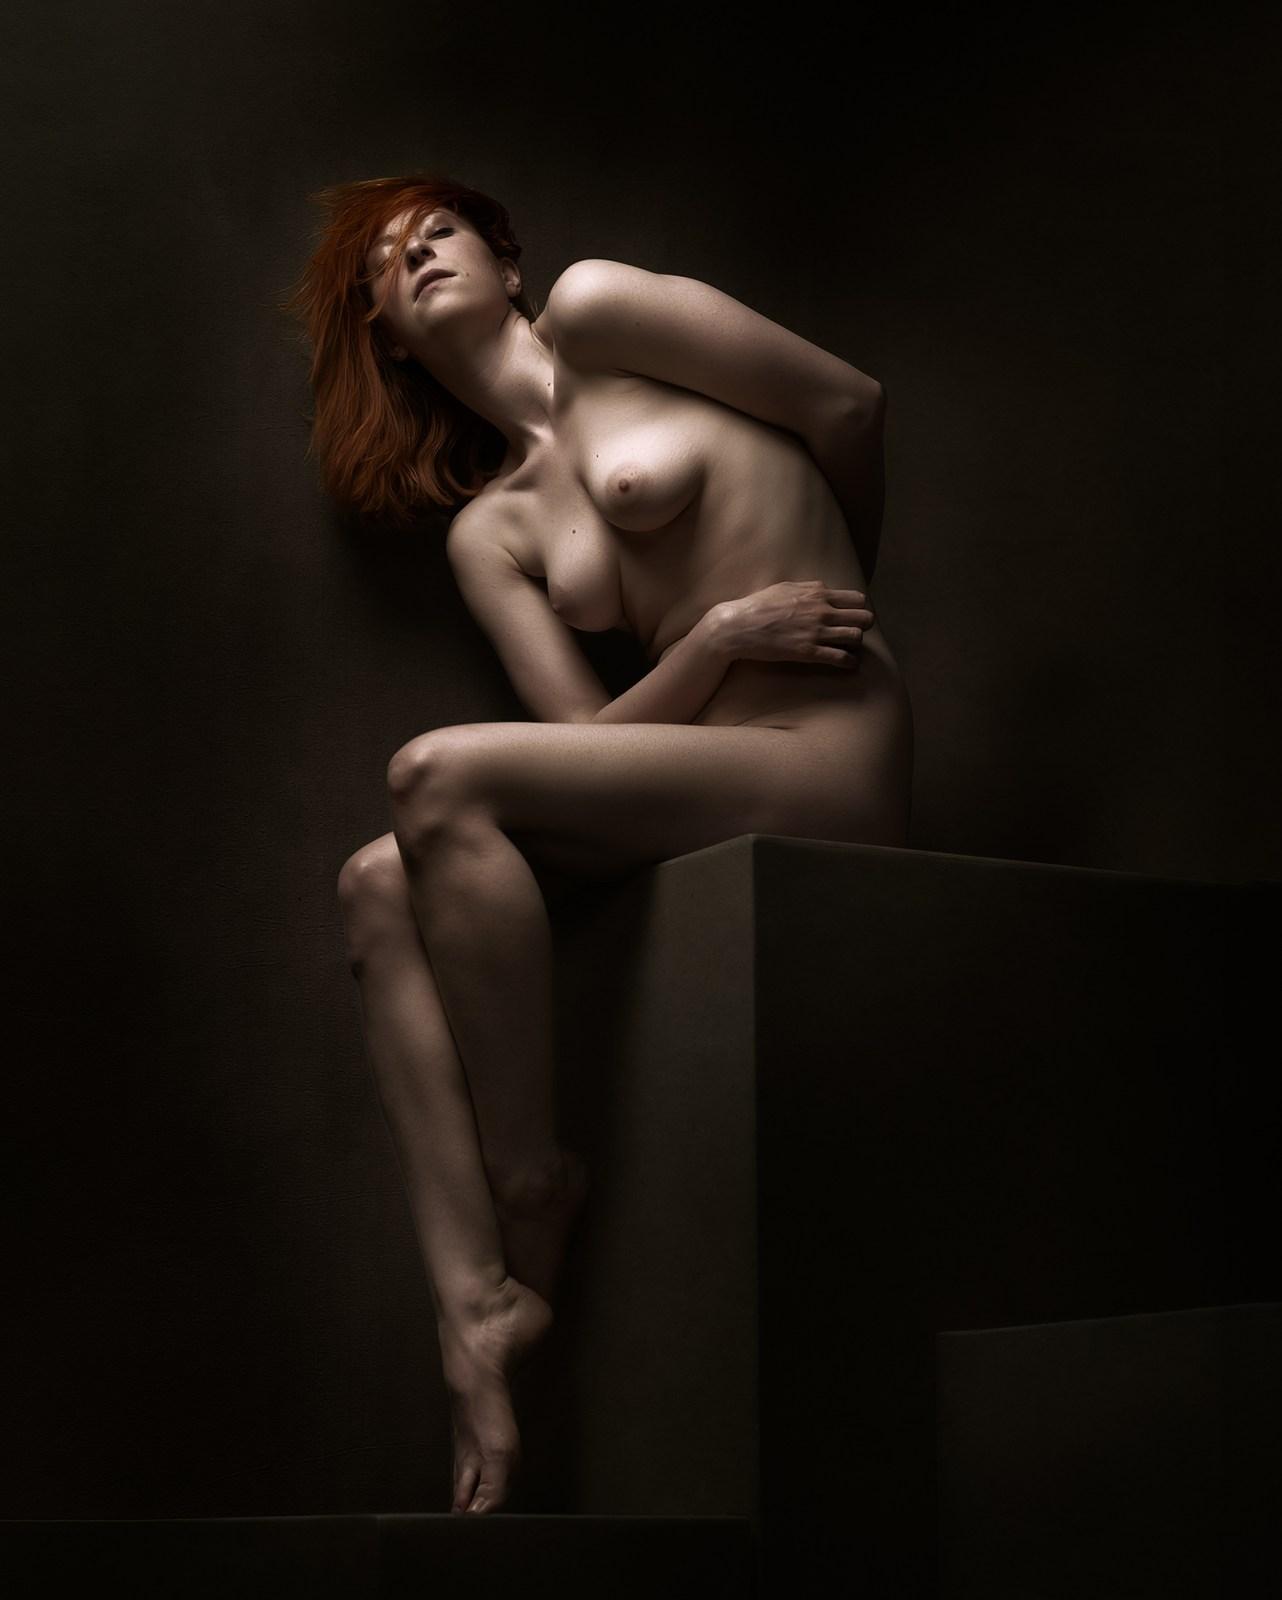 Art nude - Languishing Pose